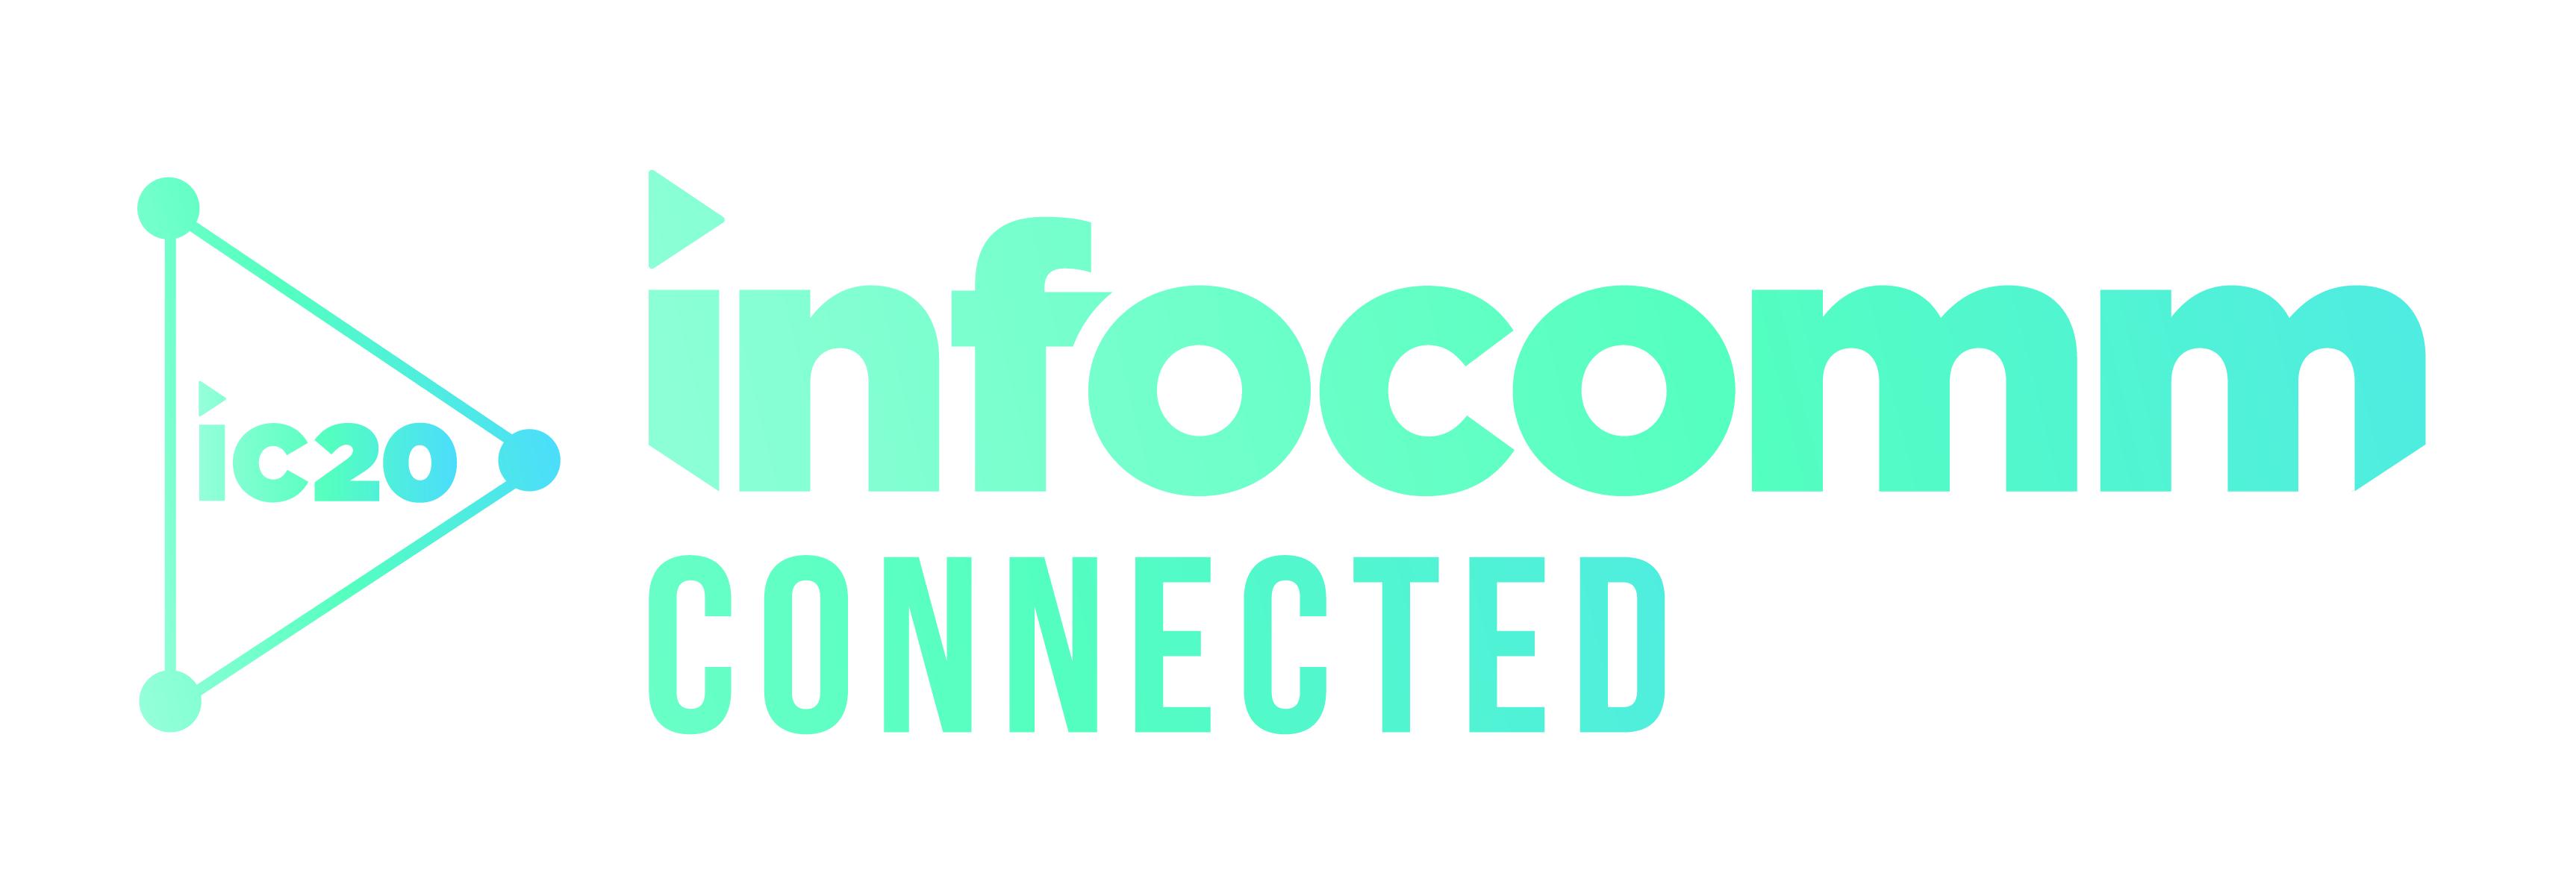 AVIXA InfoComm Connected 2020 Banner